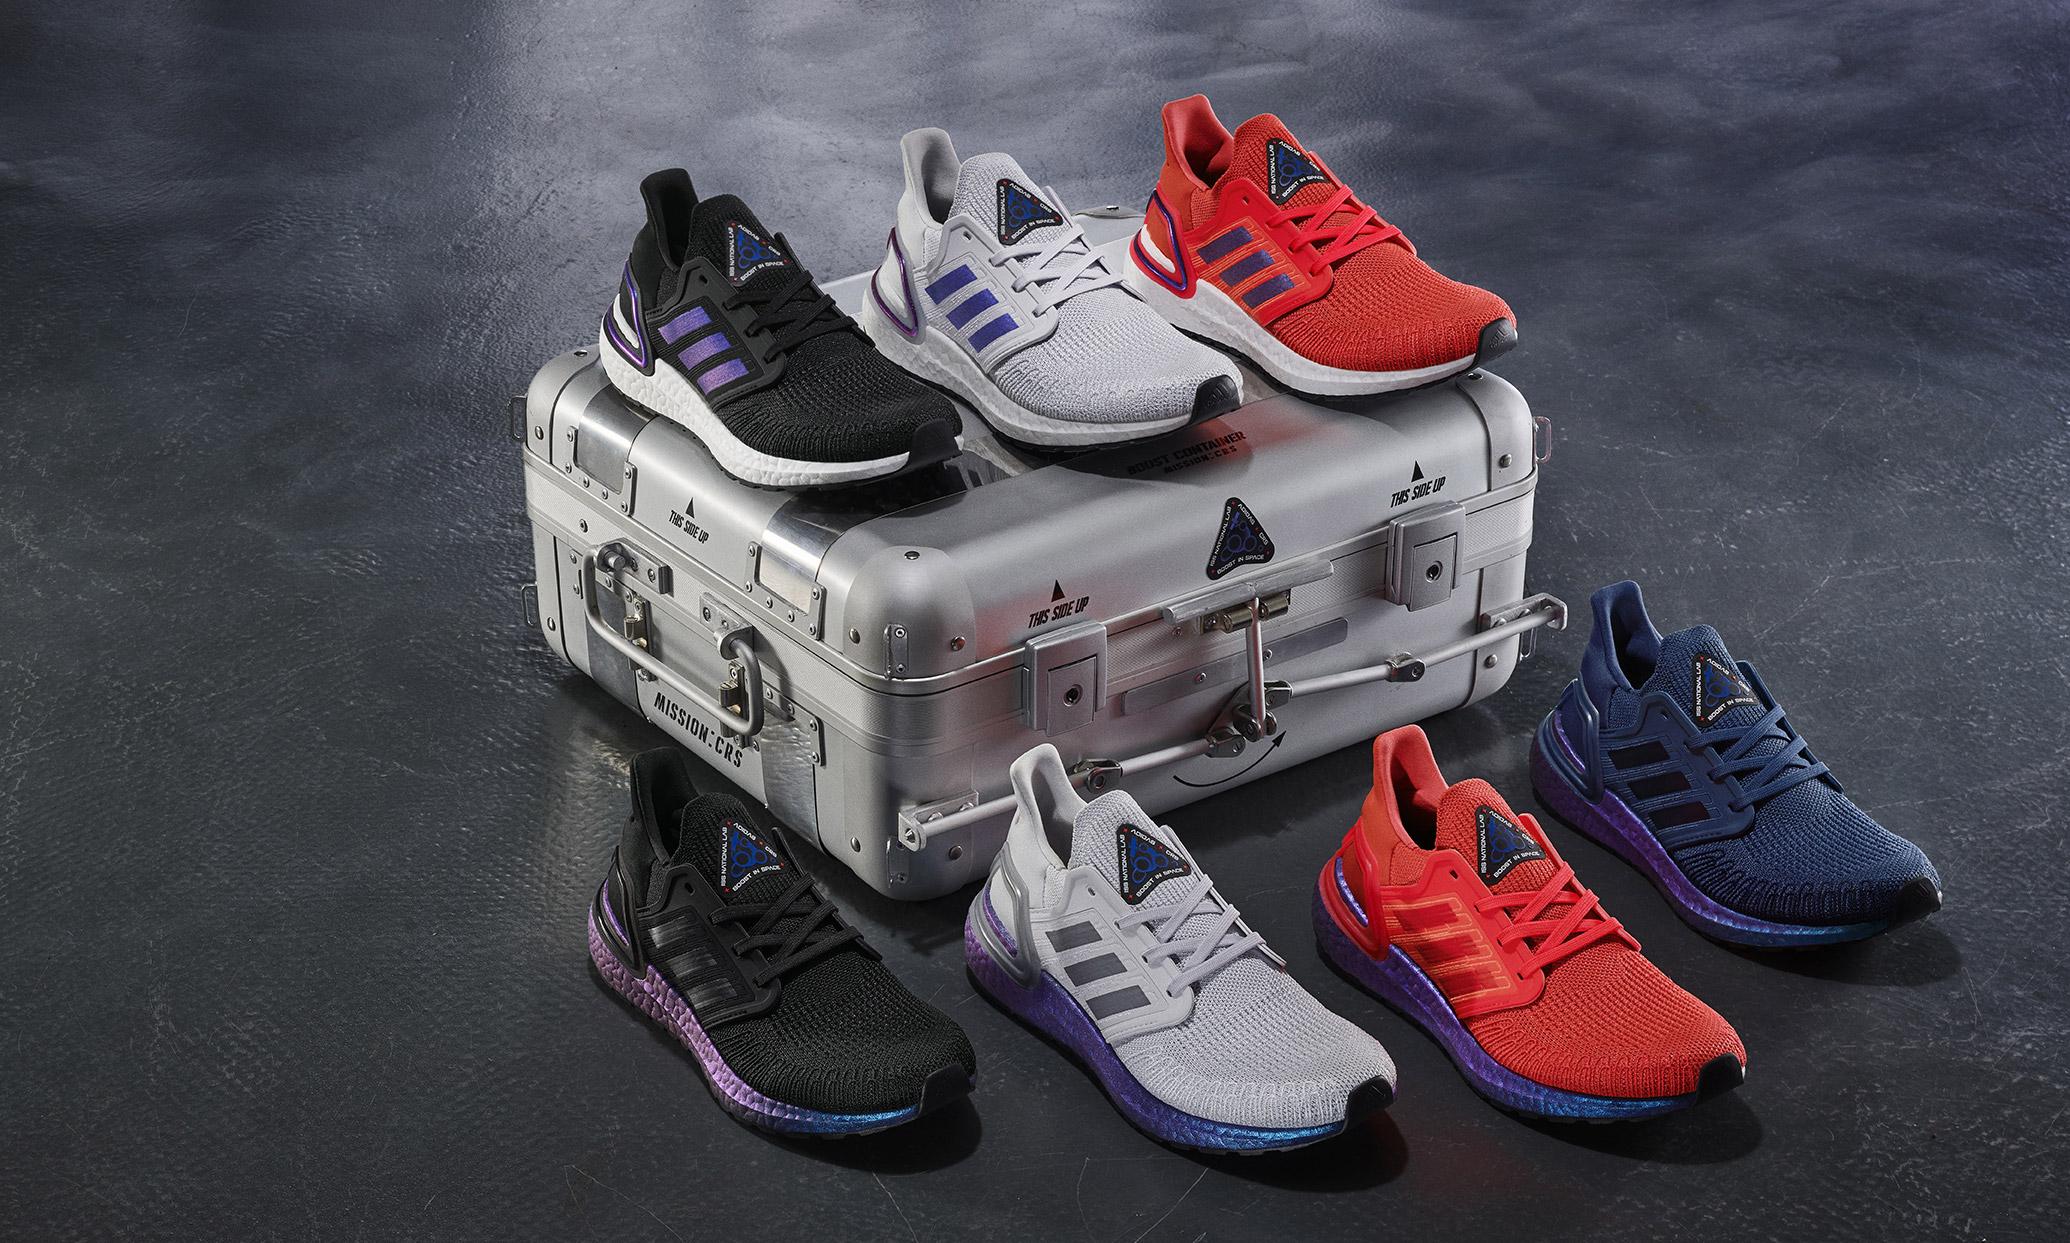 助力跑者迸发太空,adidas UltraBOOST 20 限定跑鞋正式发布